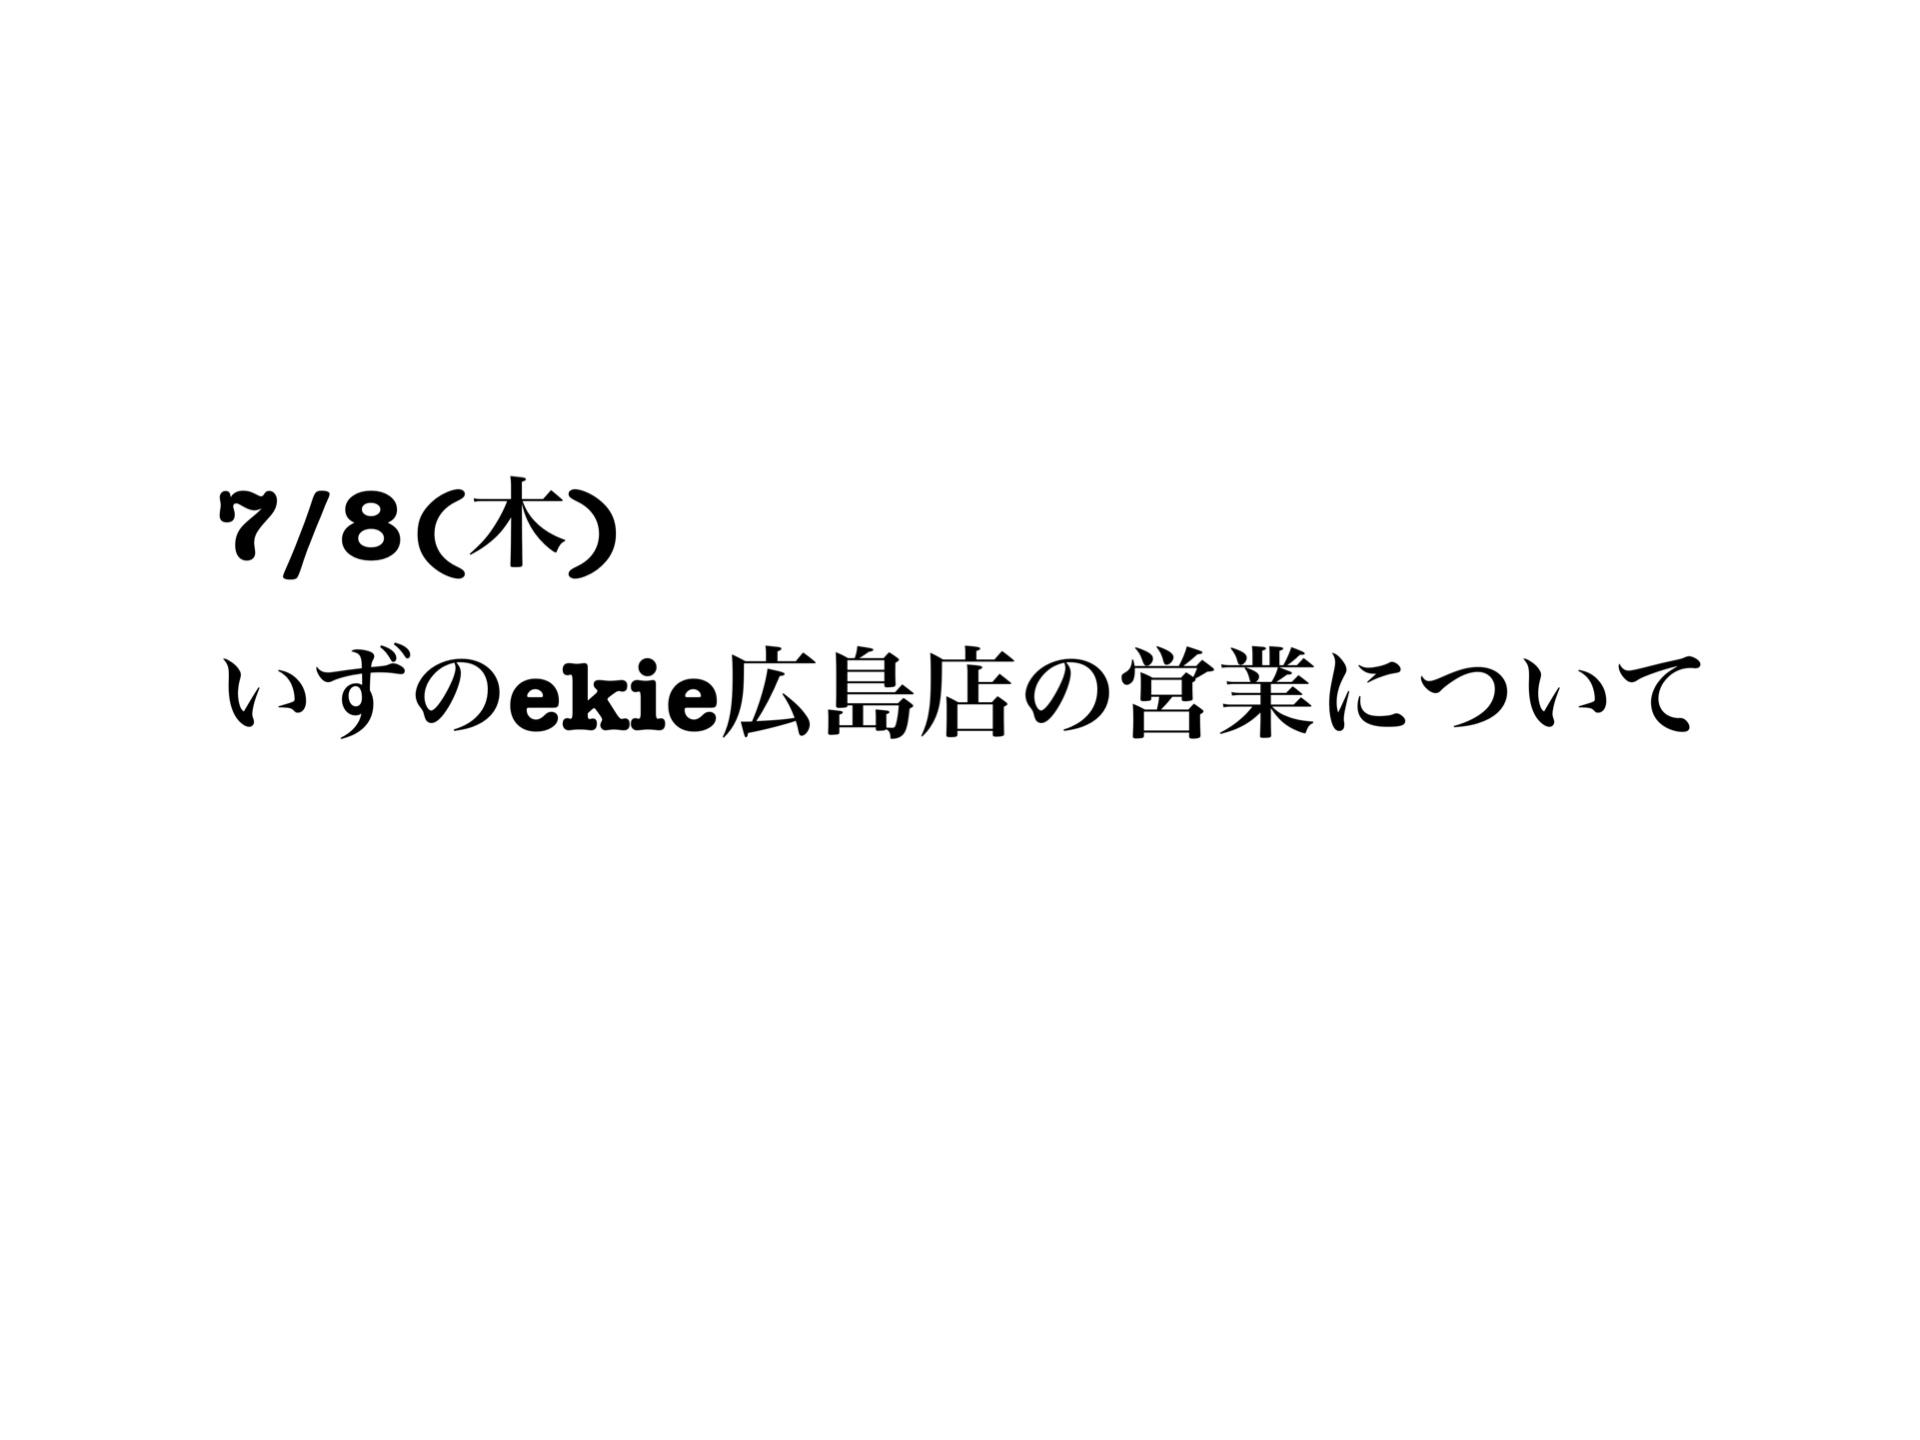 いずのekie広島店本日7月8日(木)の営業について